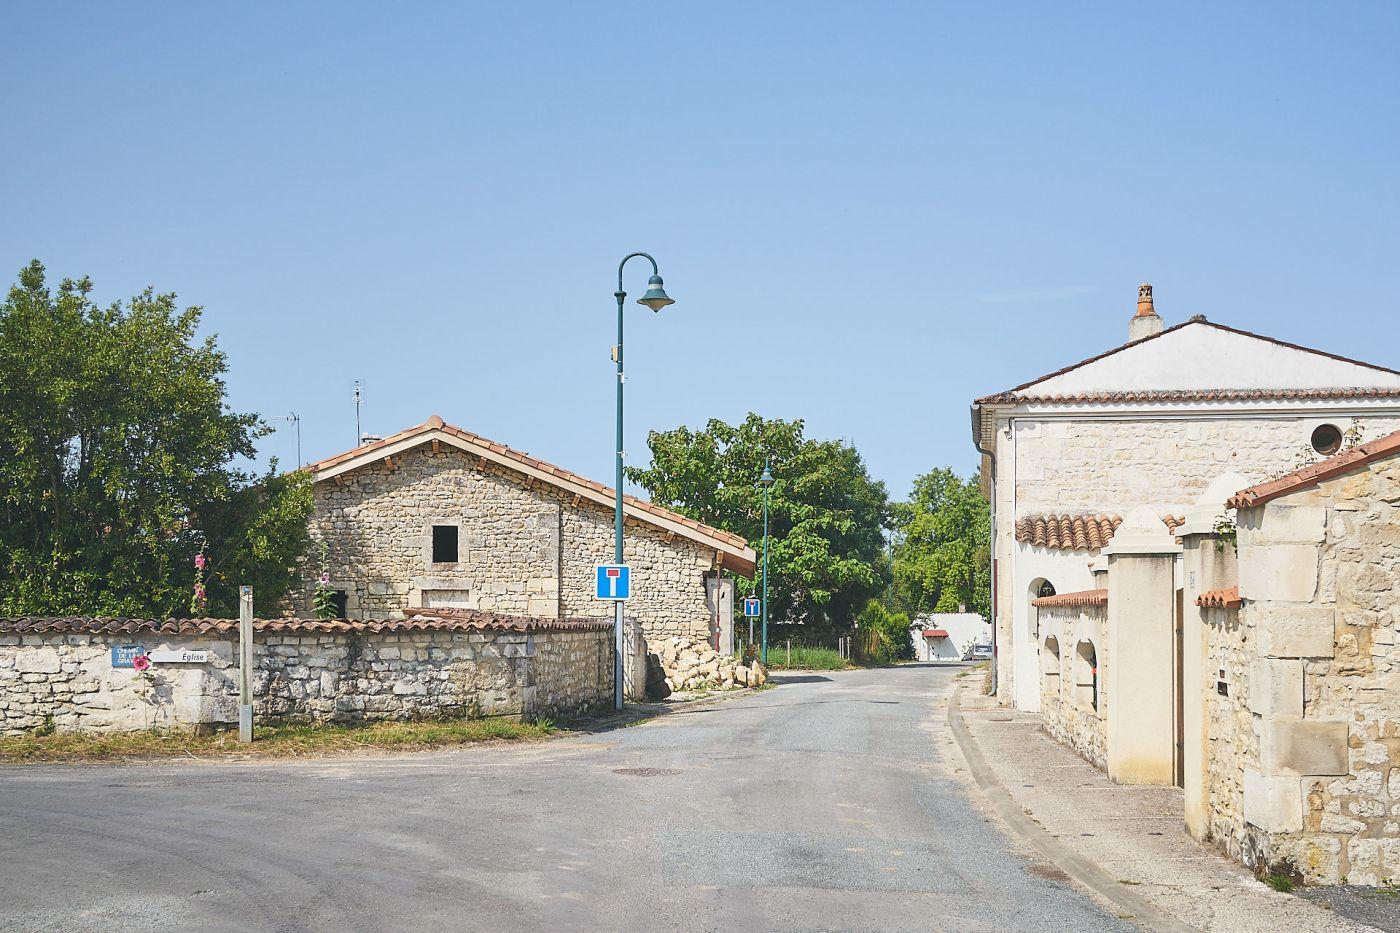 Vieux bourg de Bussac-sur-Charente